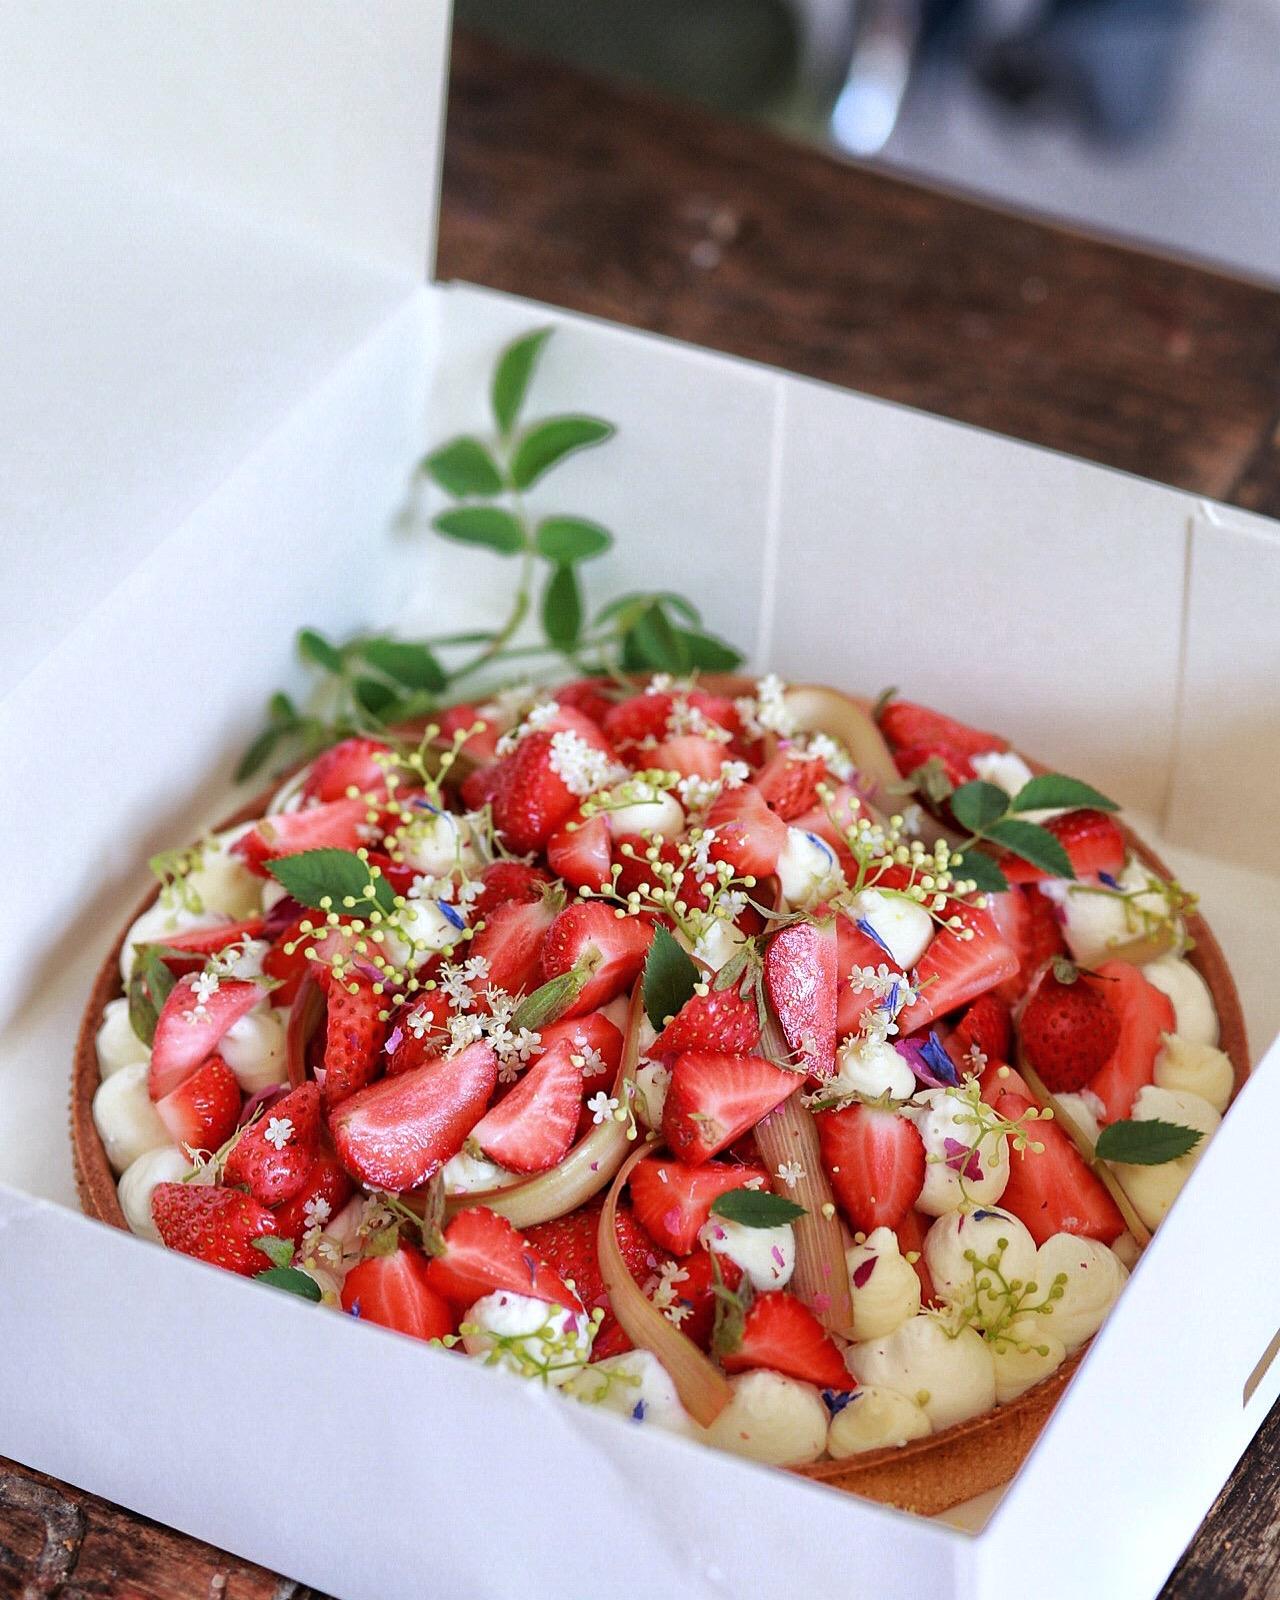 Tarte aux fraises - crème verveine 4/5 personnes